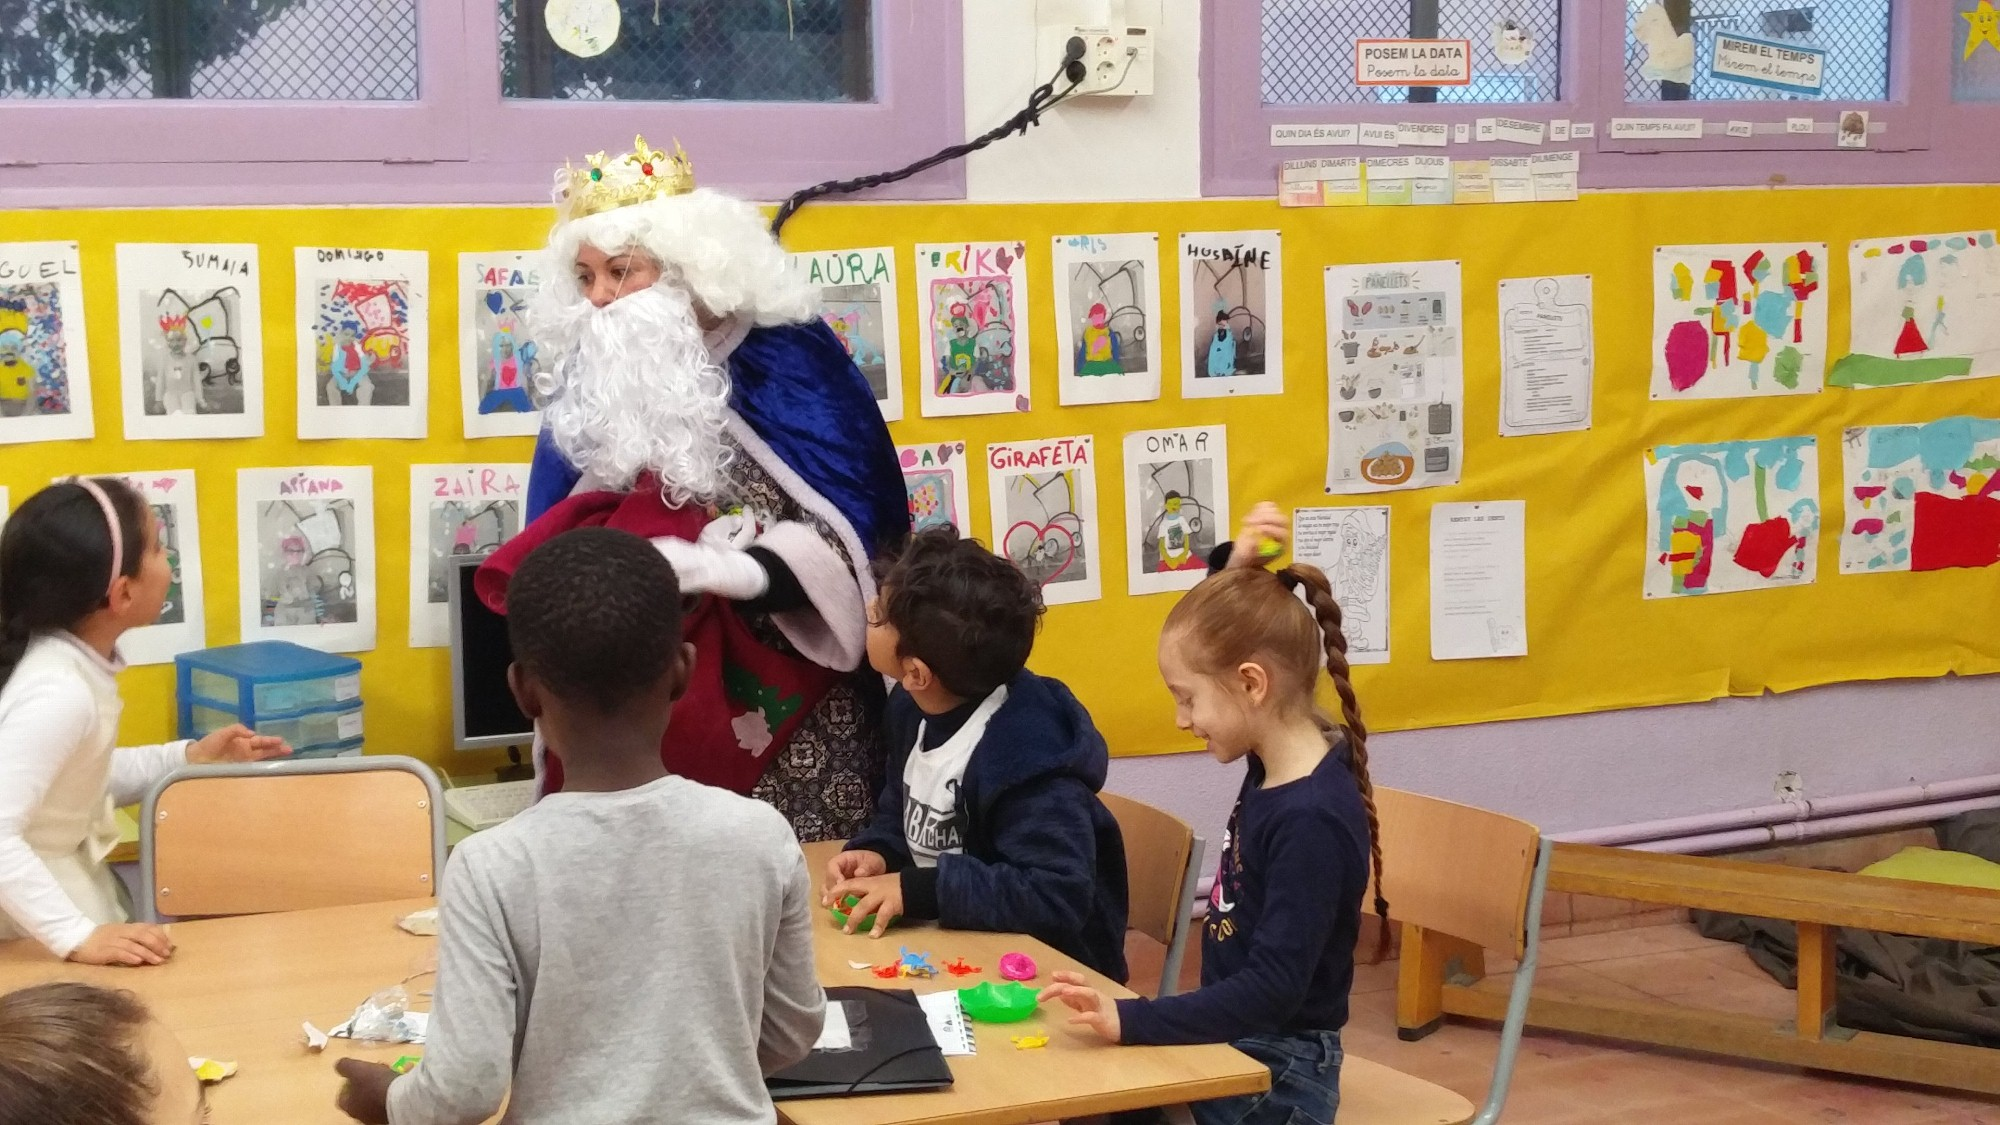 El rei blanc parla amb els nens de la classe de primer